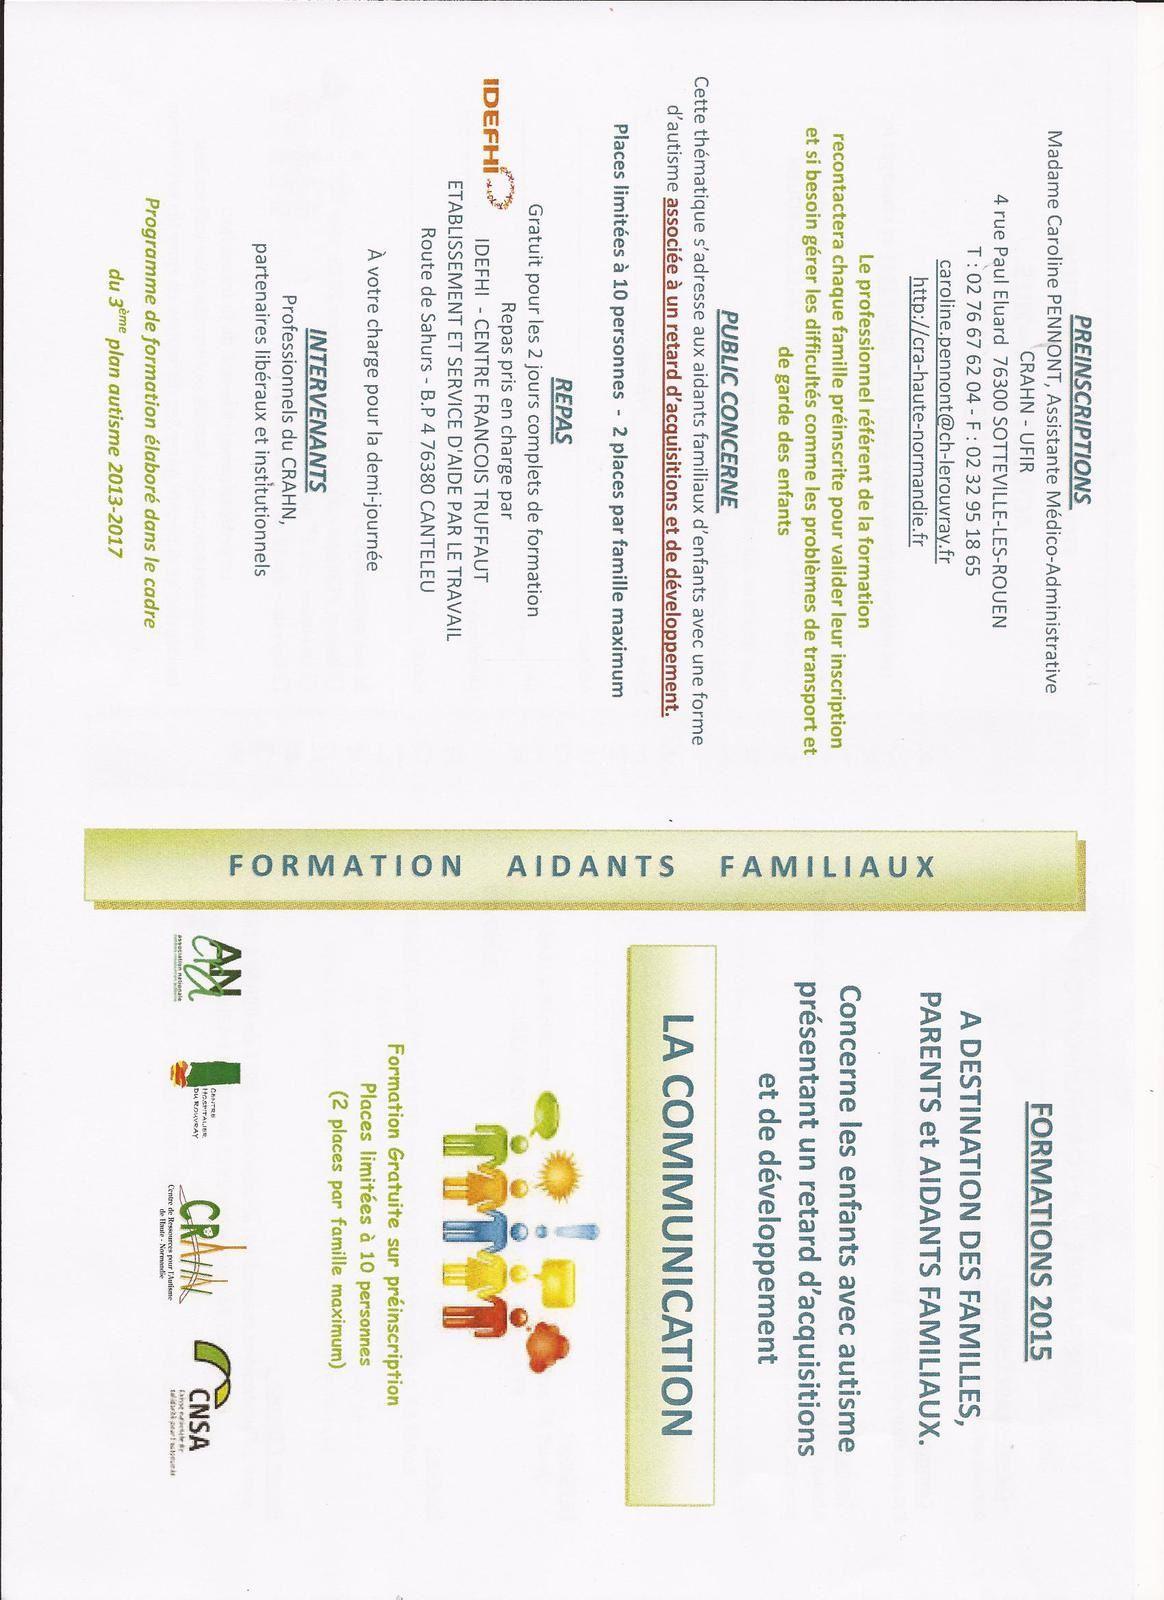 Centre Ressources Autisme/CRAHN/ FORMATIONS aidants familiaux